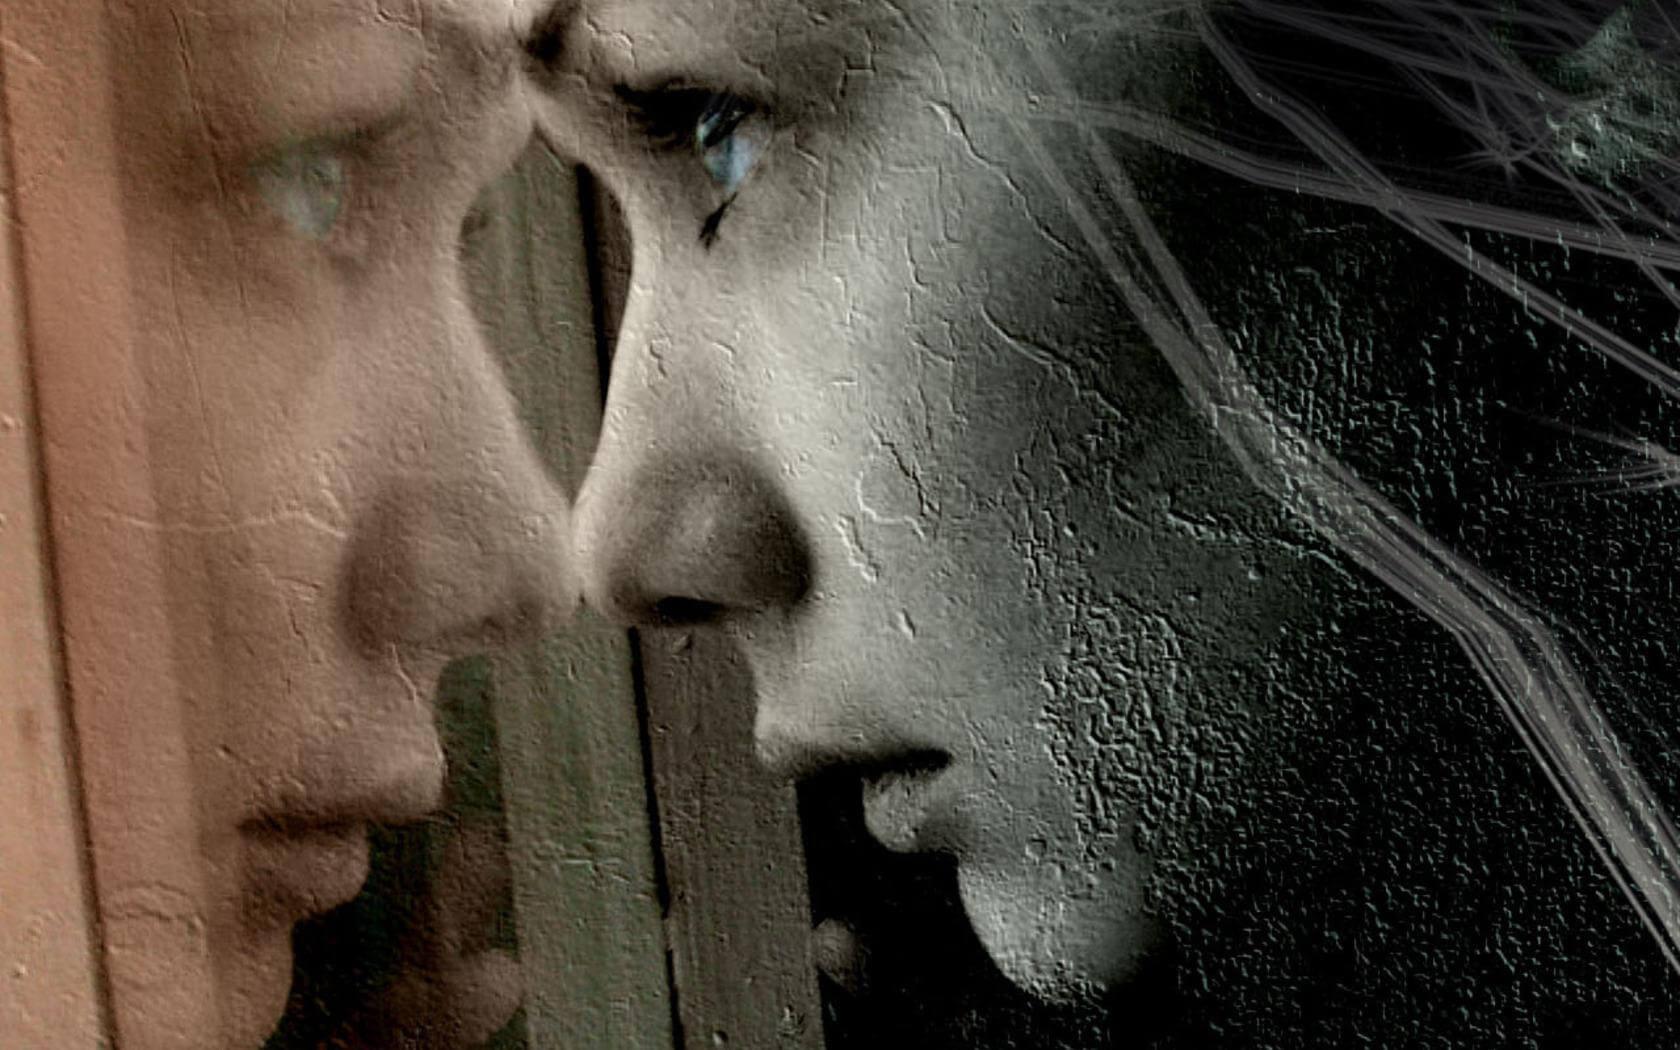 siyah beyaz cama yansıyan kadın yüzü